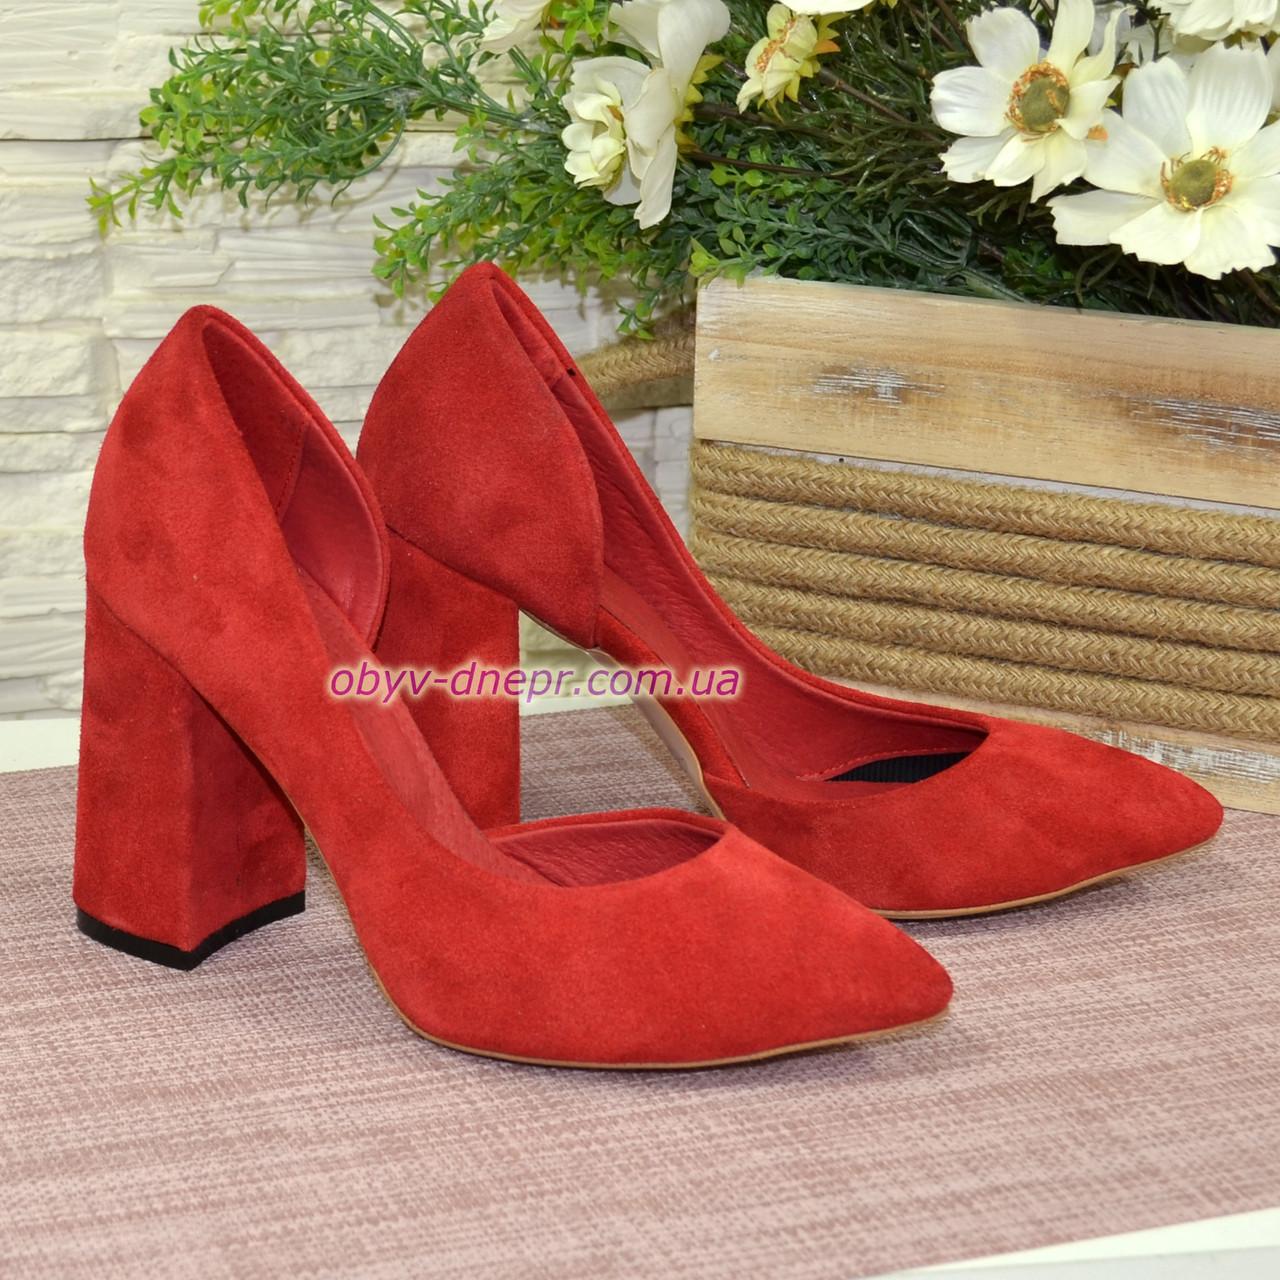 Туфлі жіночі замшеві на стійкому каблуці